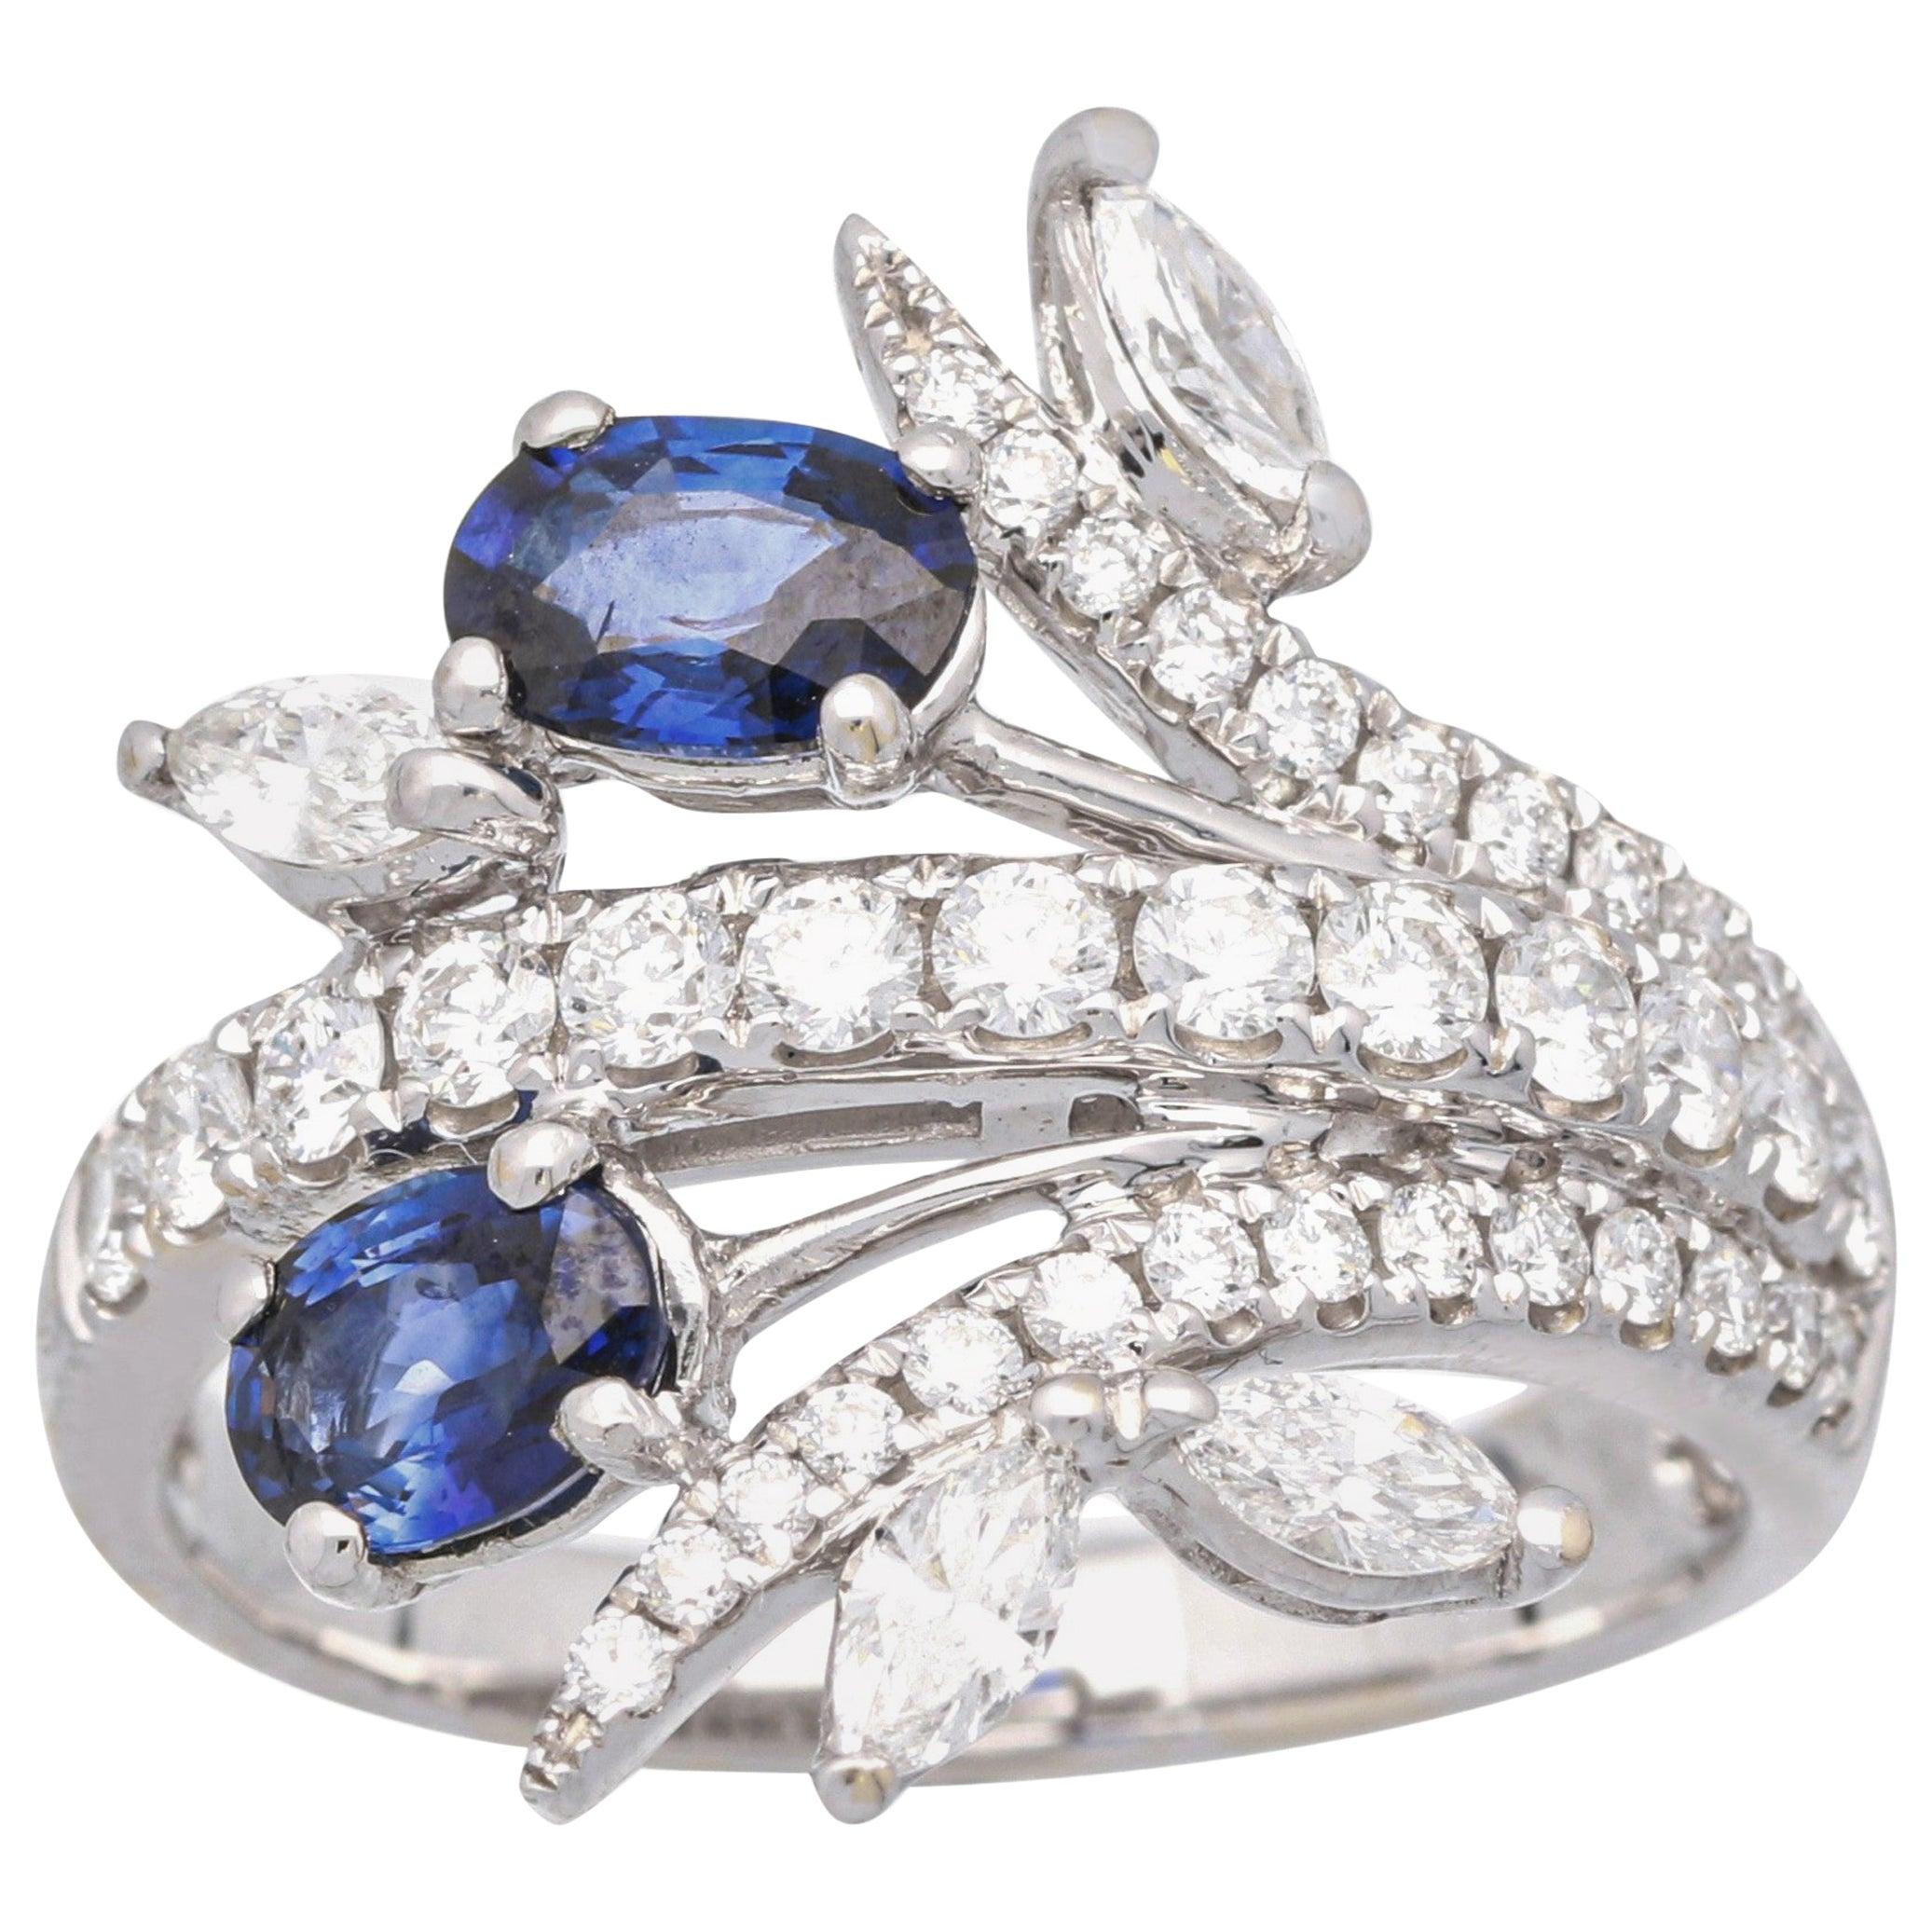 1 Carat Natural Blue Sapphire 18 Karat White Gold Statement Ring